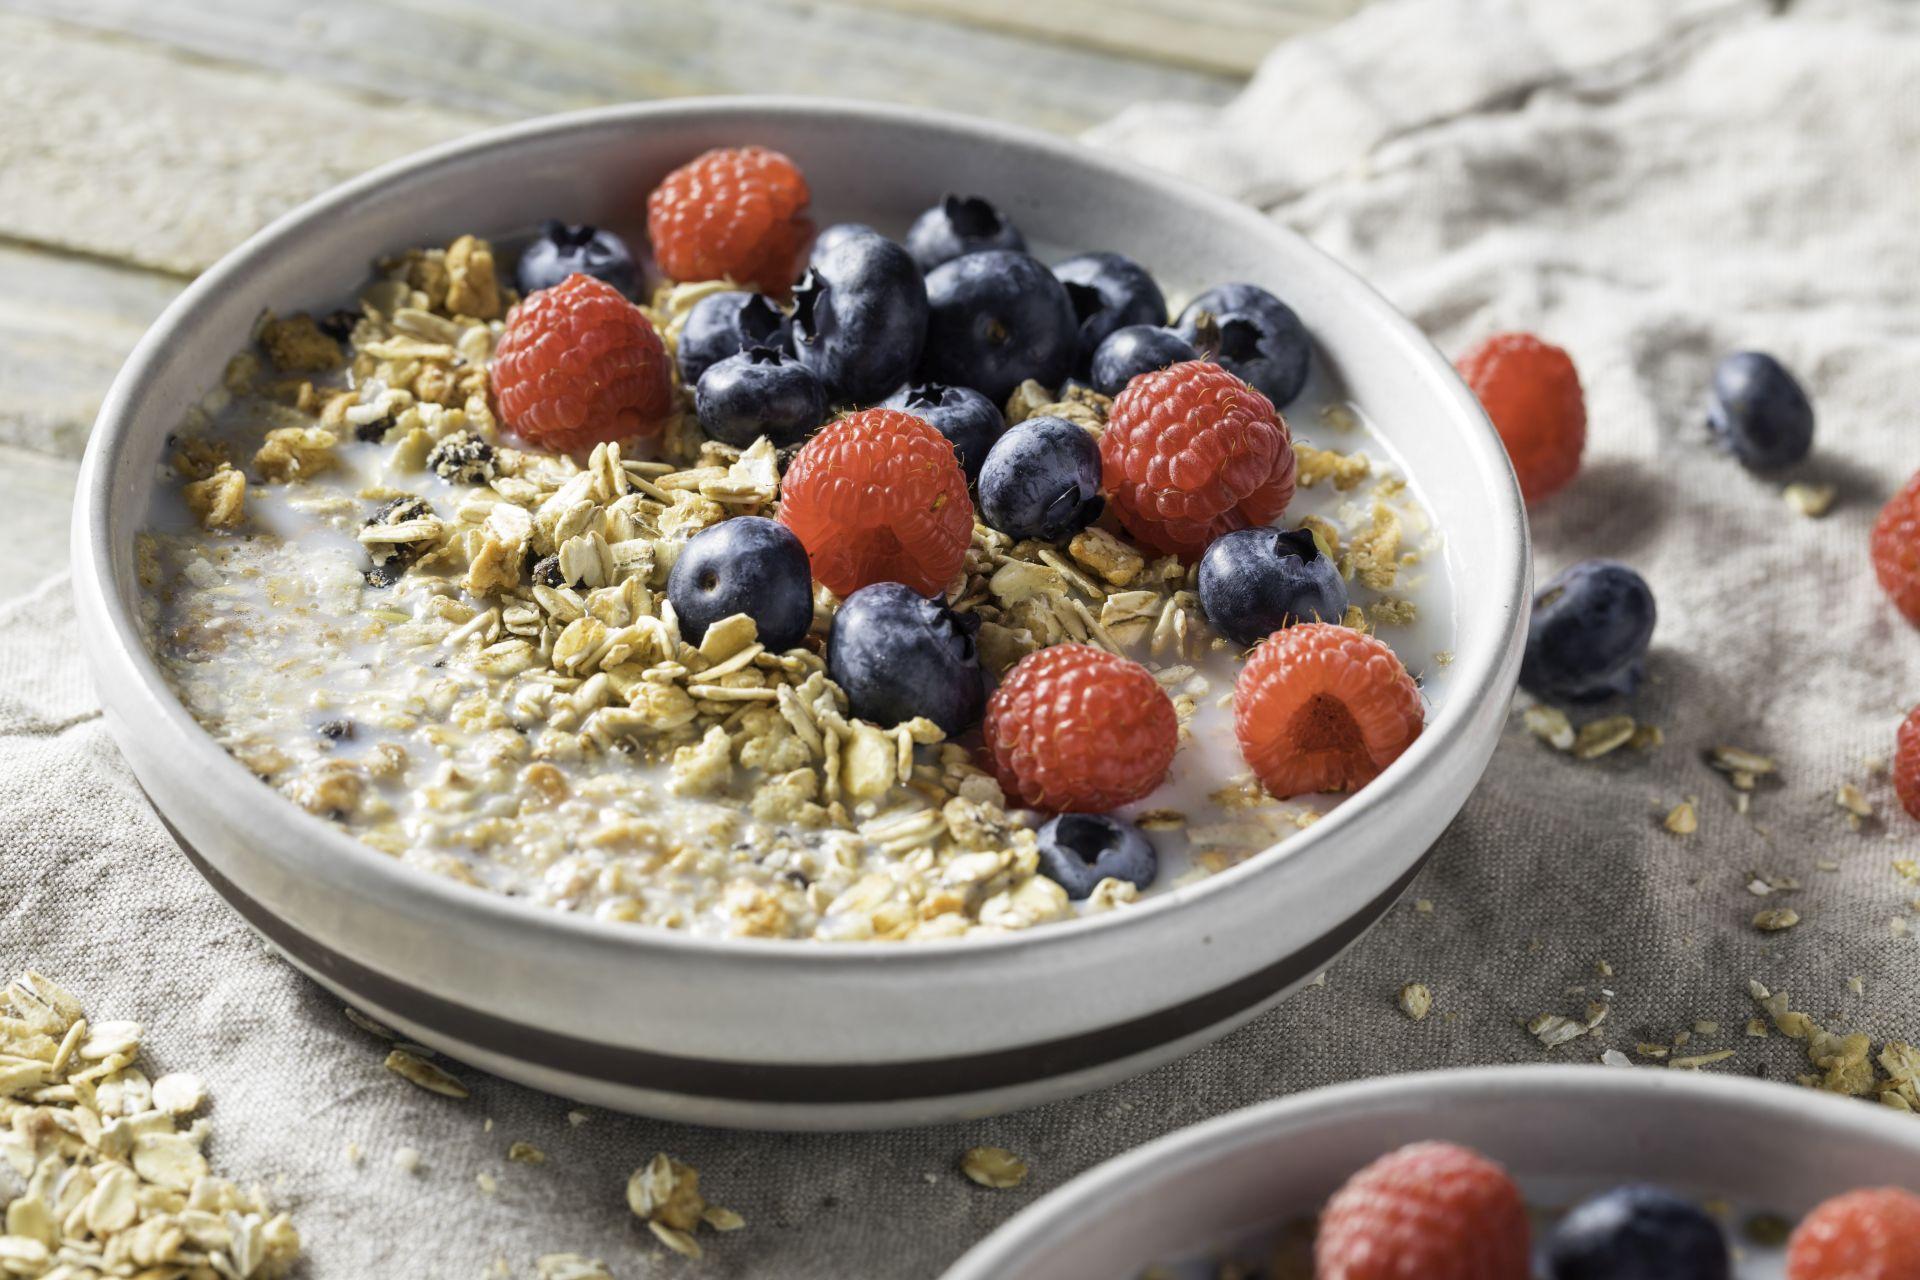 Owsianka - dieta dla serca bogata w błonnik i sterole roślinne wspomaga profilaktykę obniżania cholesterolu, pracy serca i układu krążenia oraz obniżania ciśnienia we krwi.